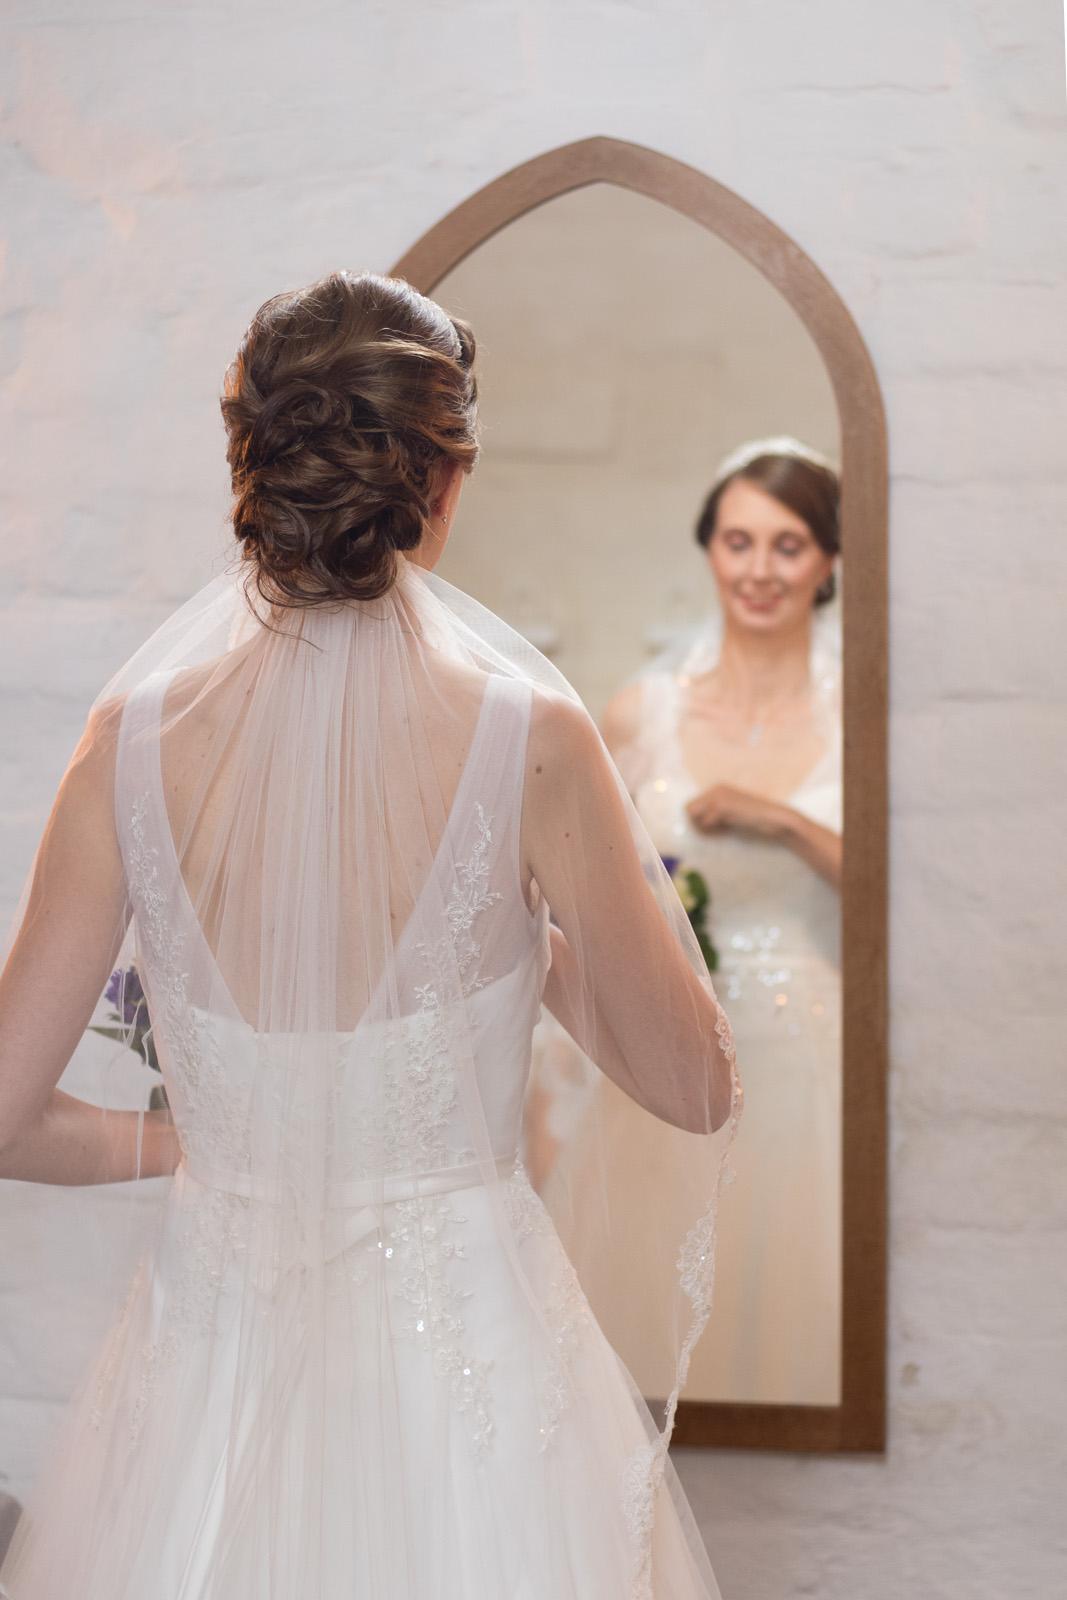 Tine og Allans bryllup - spejlbillede